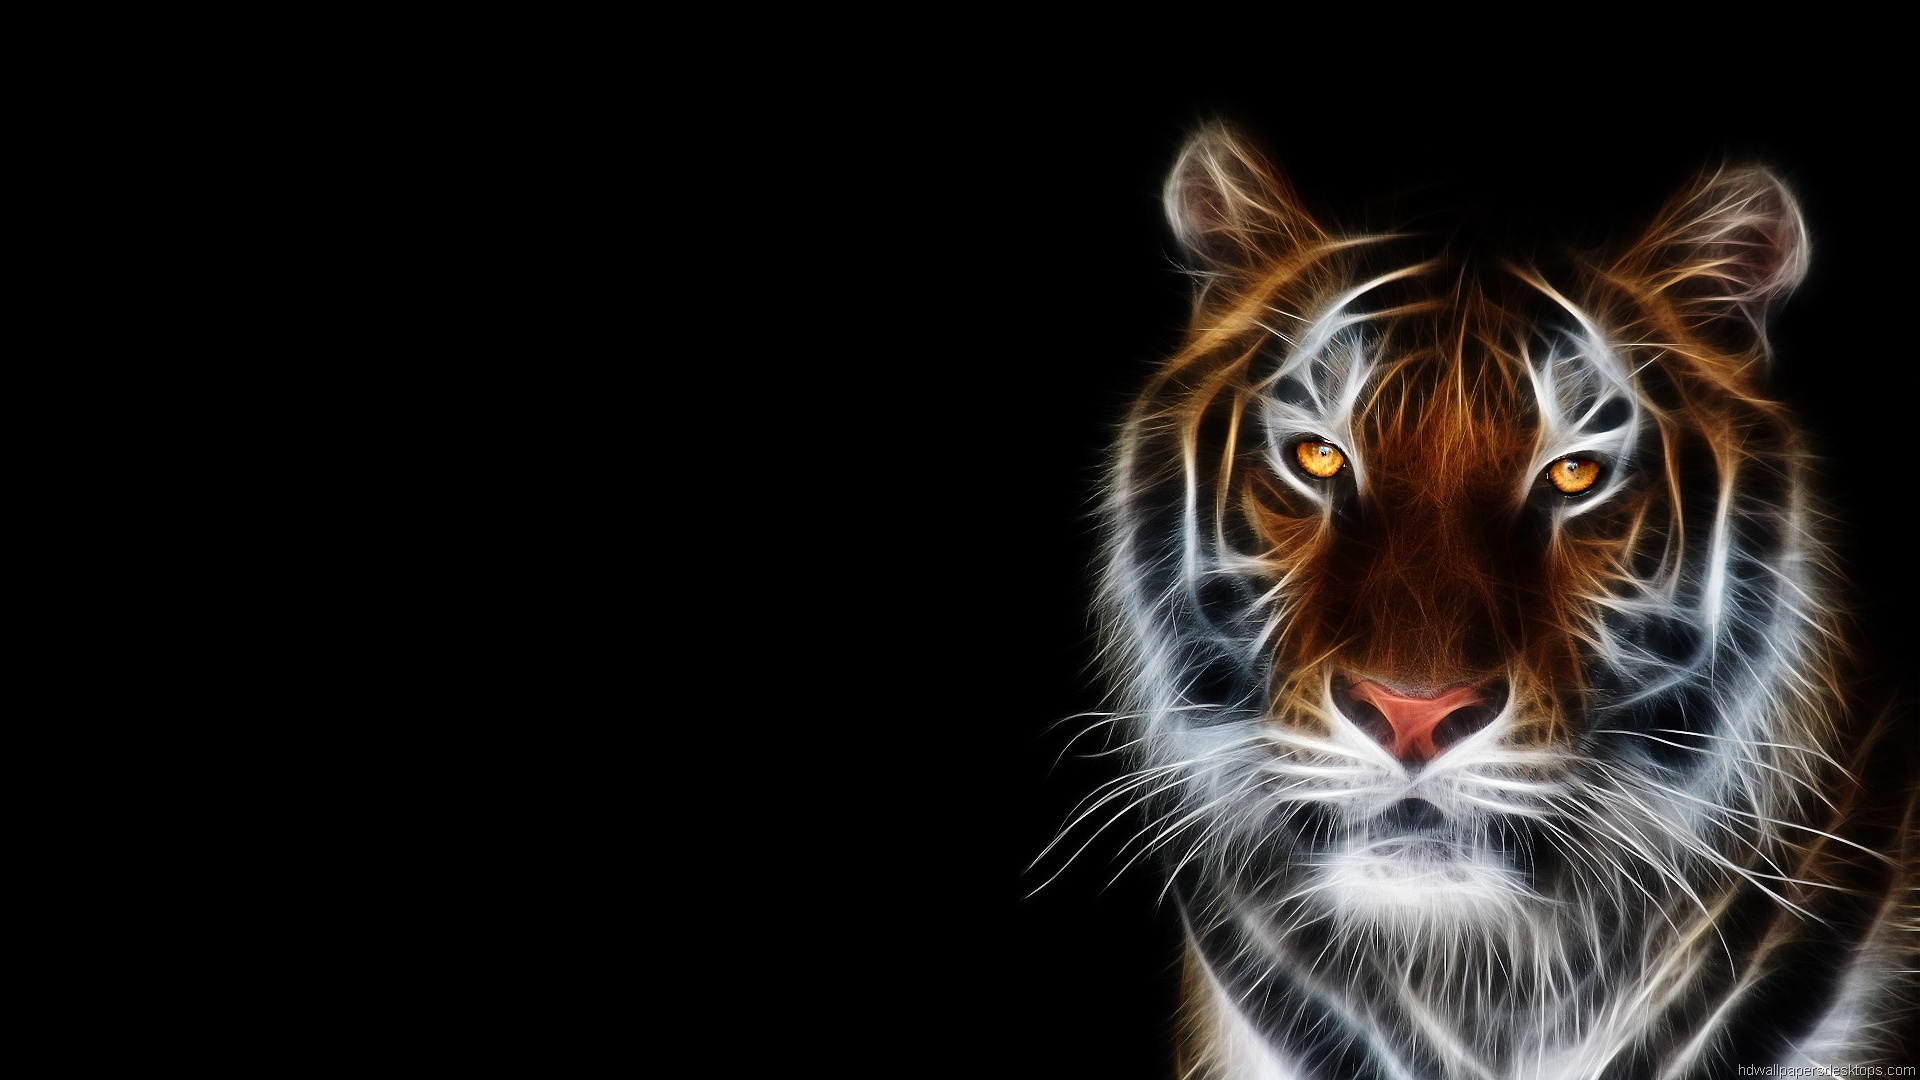 Creepy Tiger Wallpaper